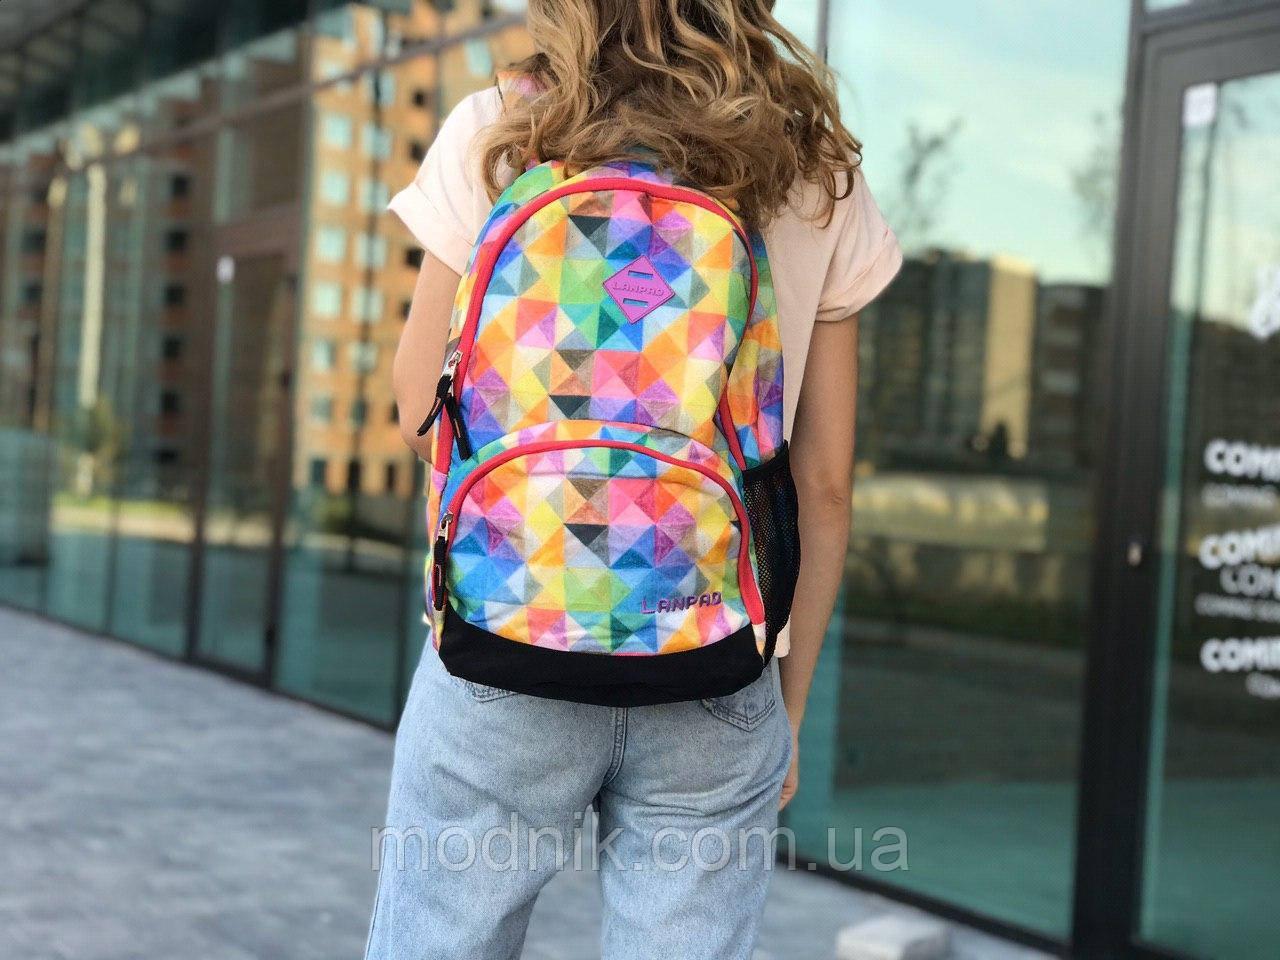 Городской рюкзак Lanpad (разноцветный) 1291